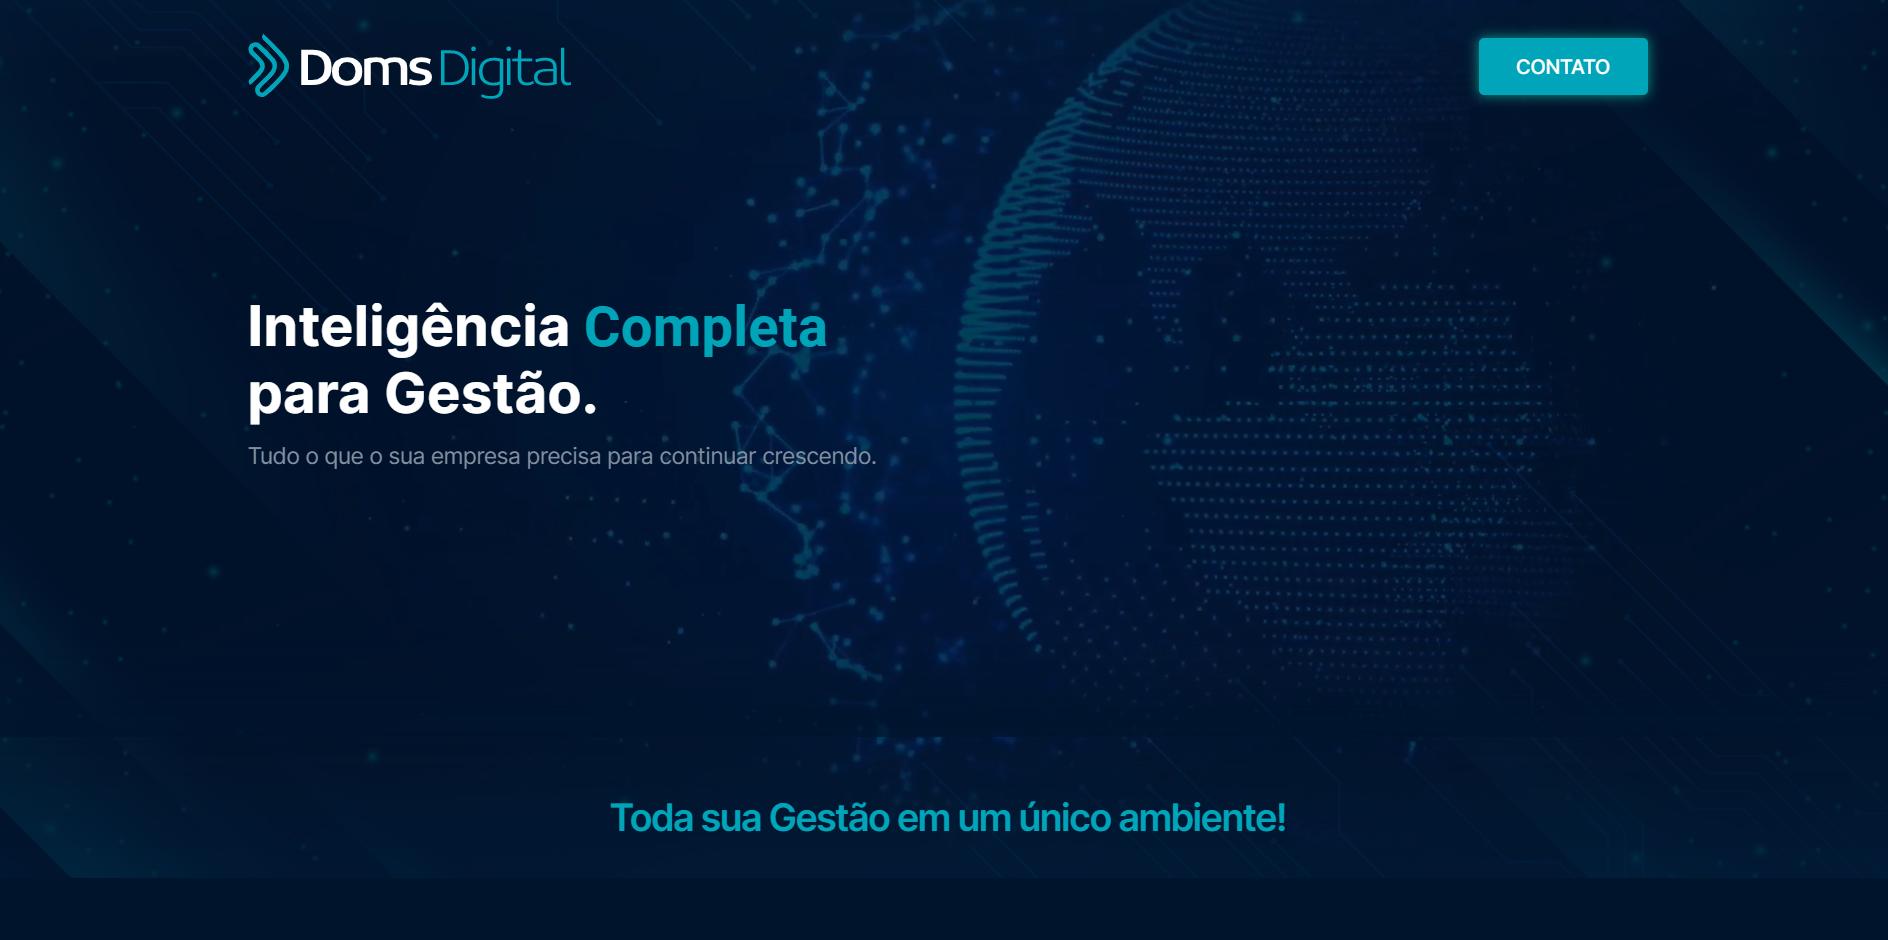 Doms Digital - Inteligência Completa para Gestão